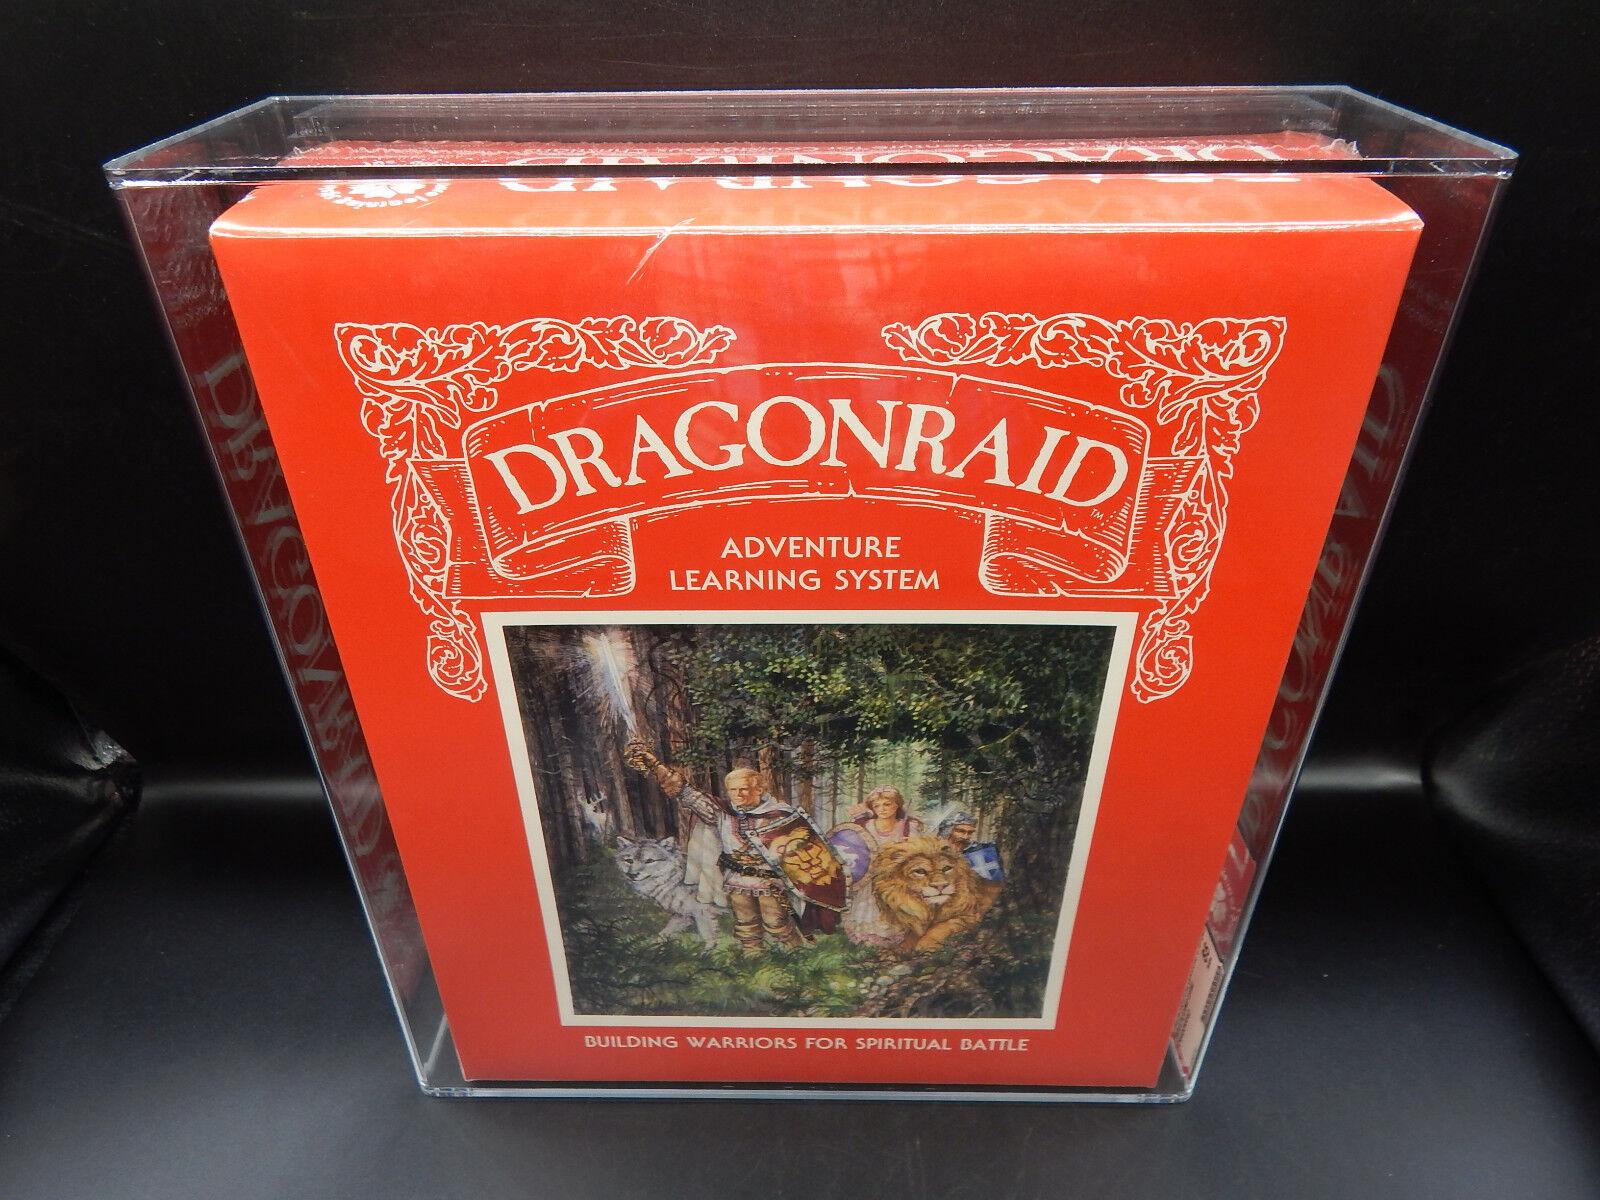 AFA 85 1984 årgång Dragonid Christian RPG fantasi brädspel SEAL Dragon Herregud